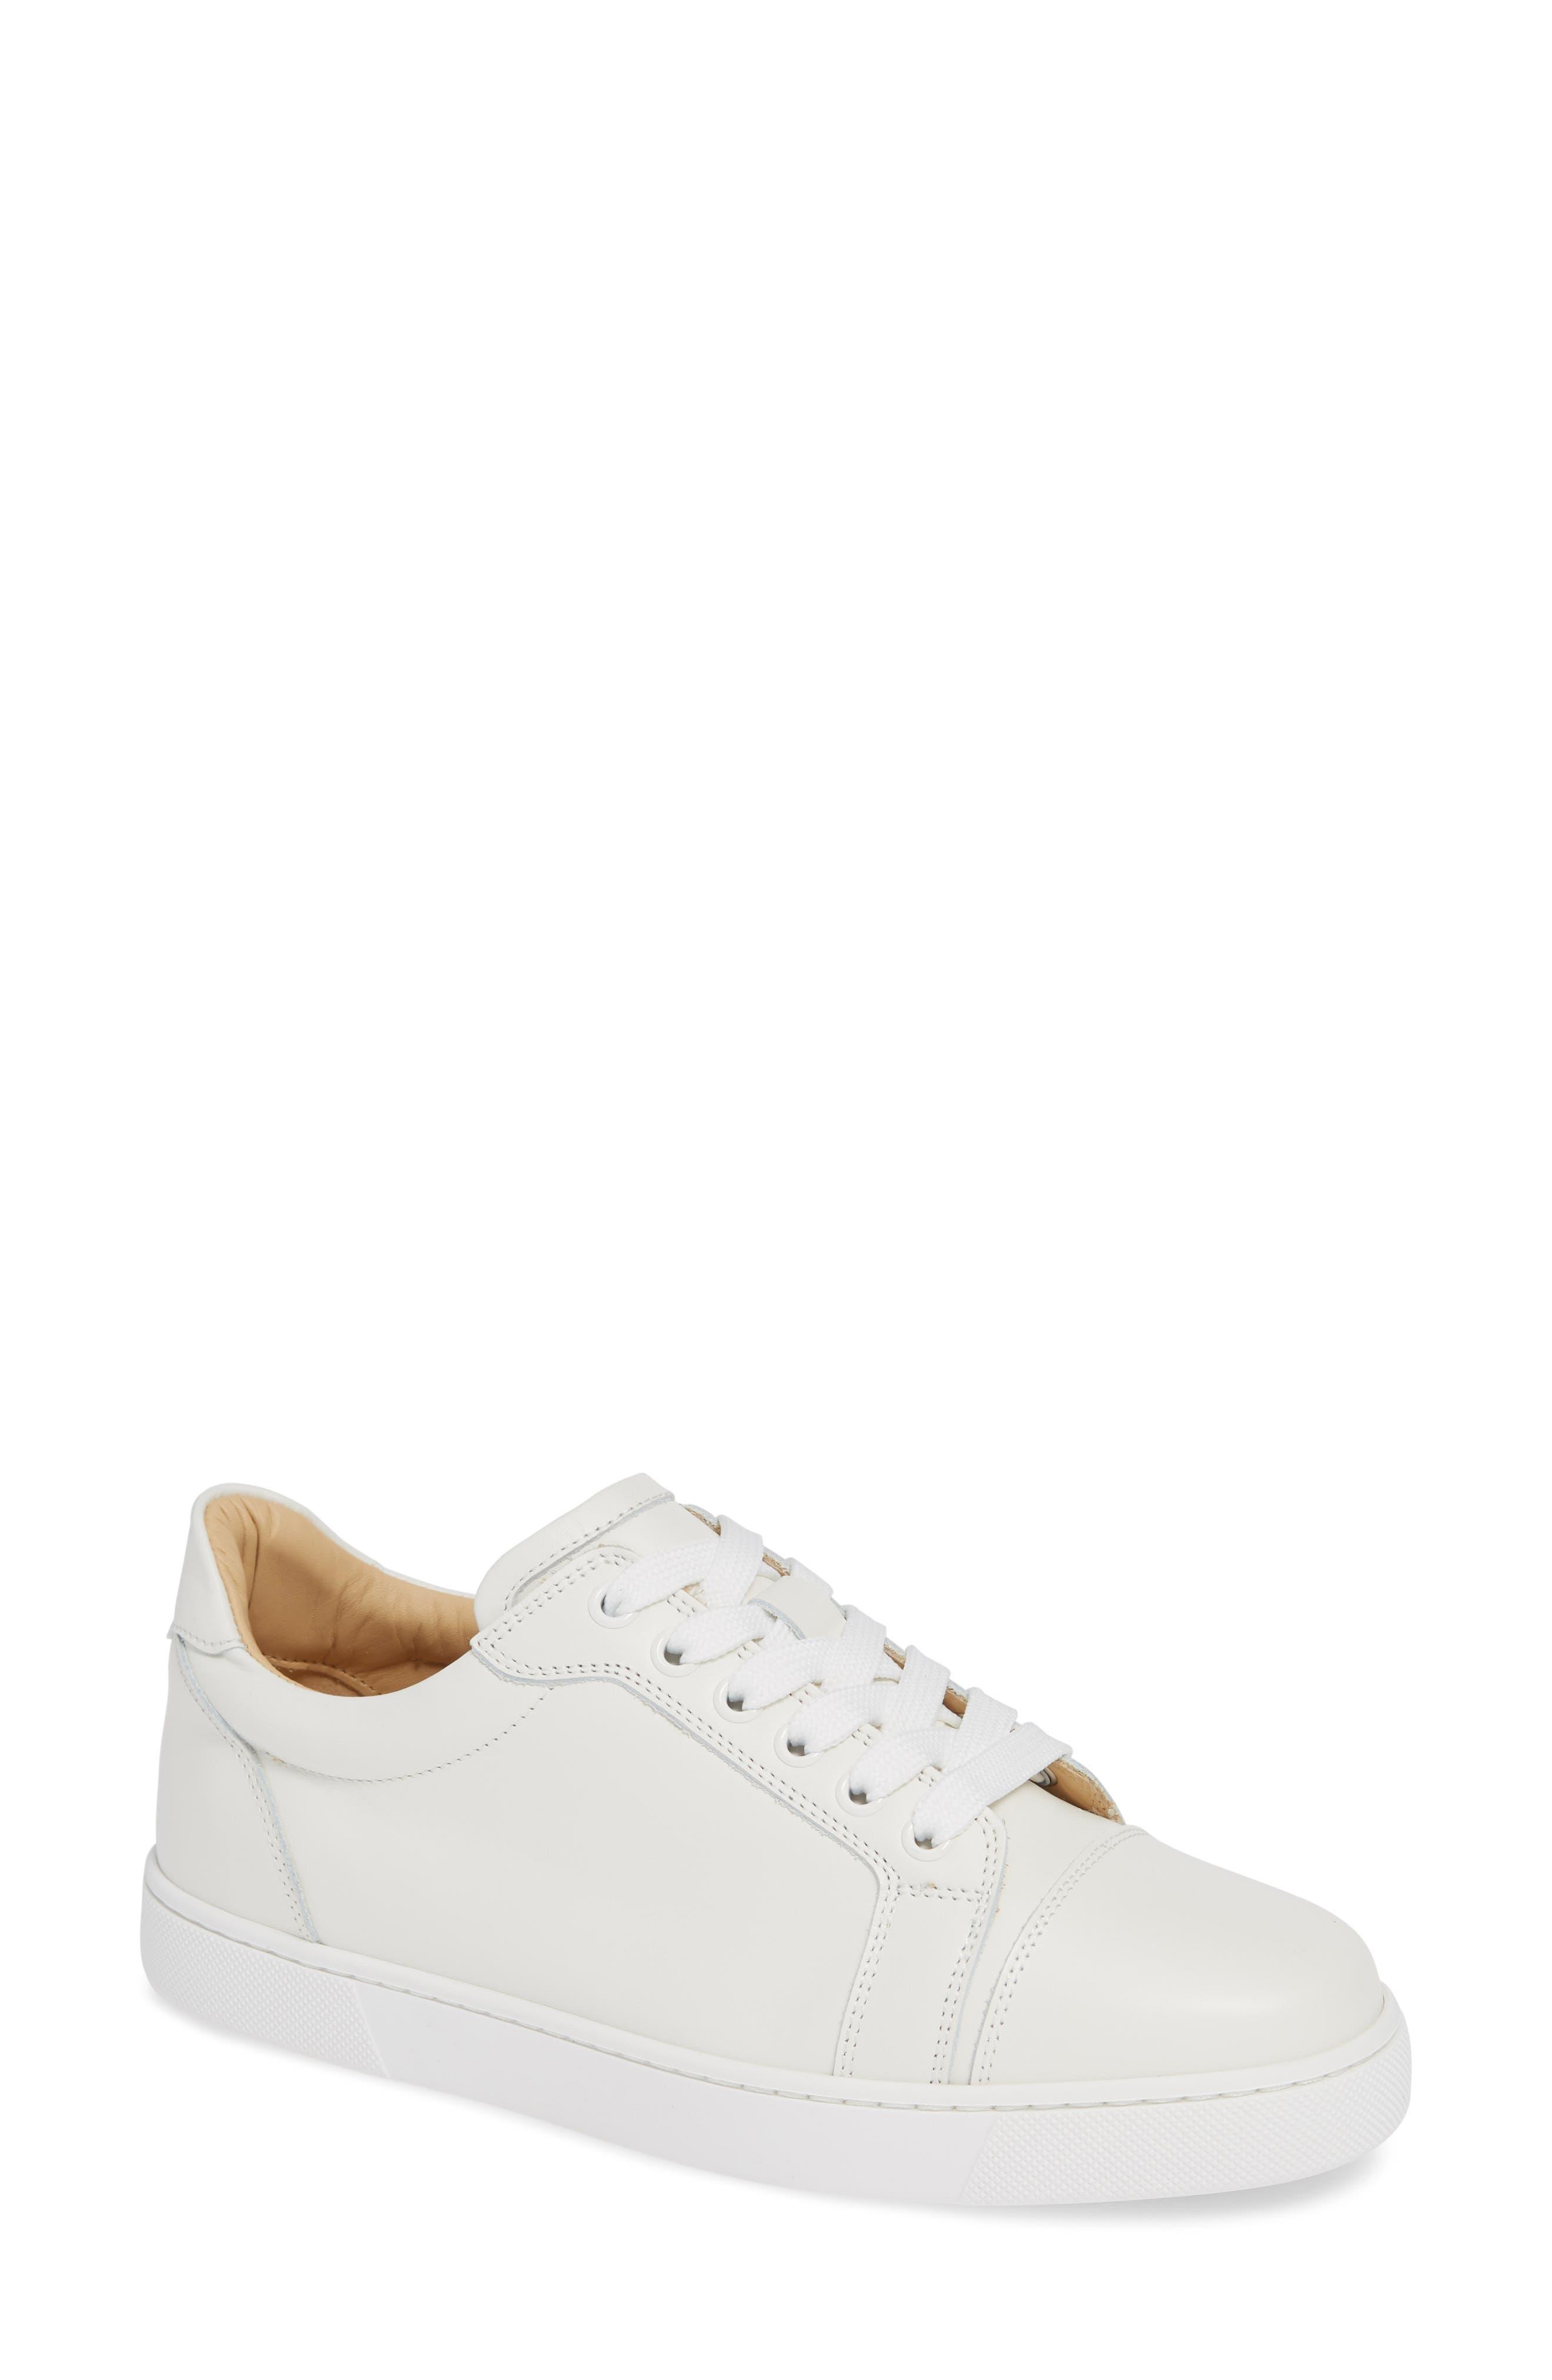 24b0c6a951f3 Women s Christian Louboutin Sneakers   Running Shoes